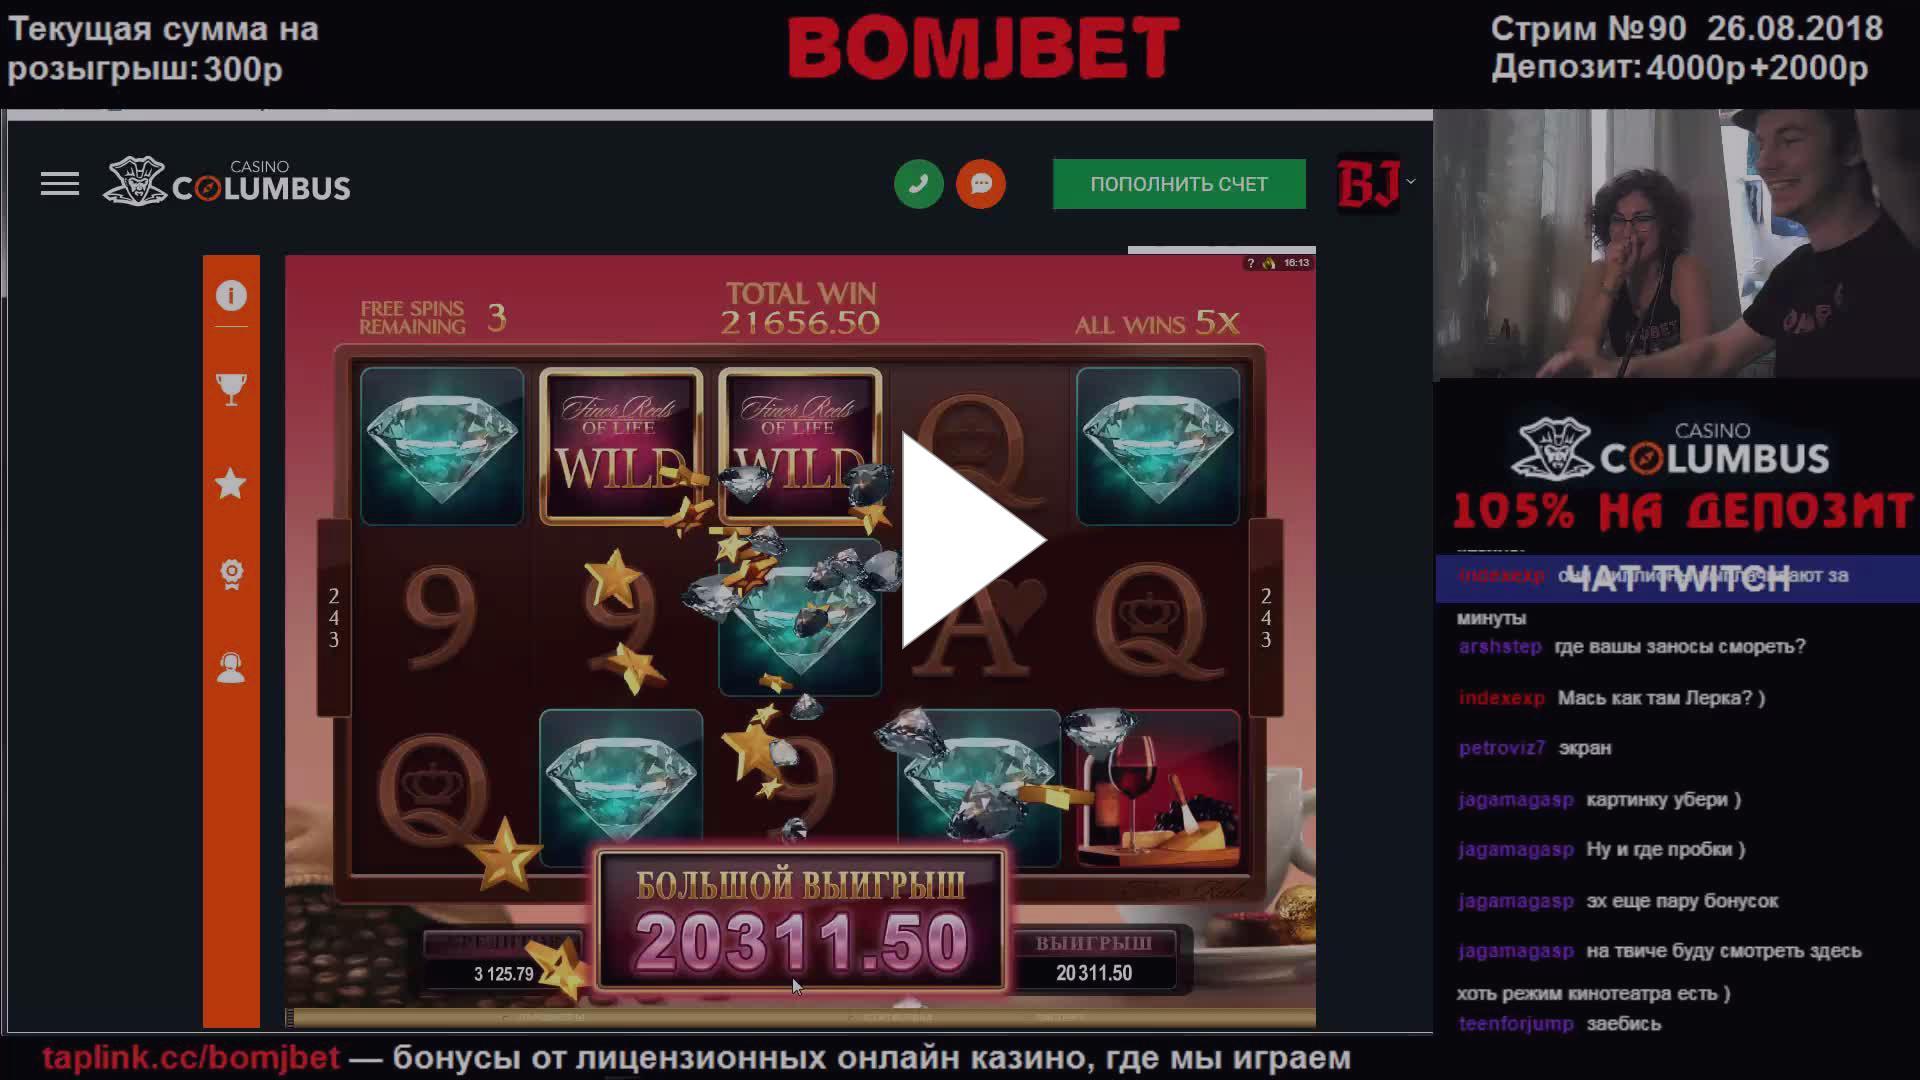 стримеры казино на twitch